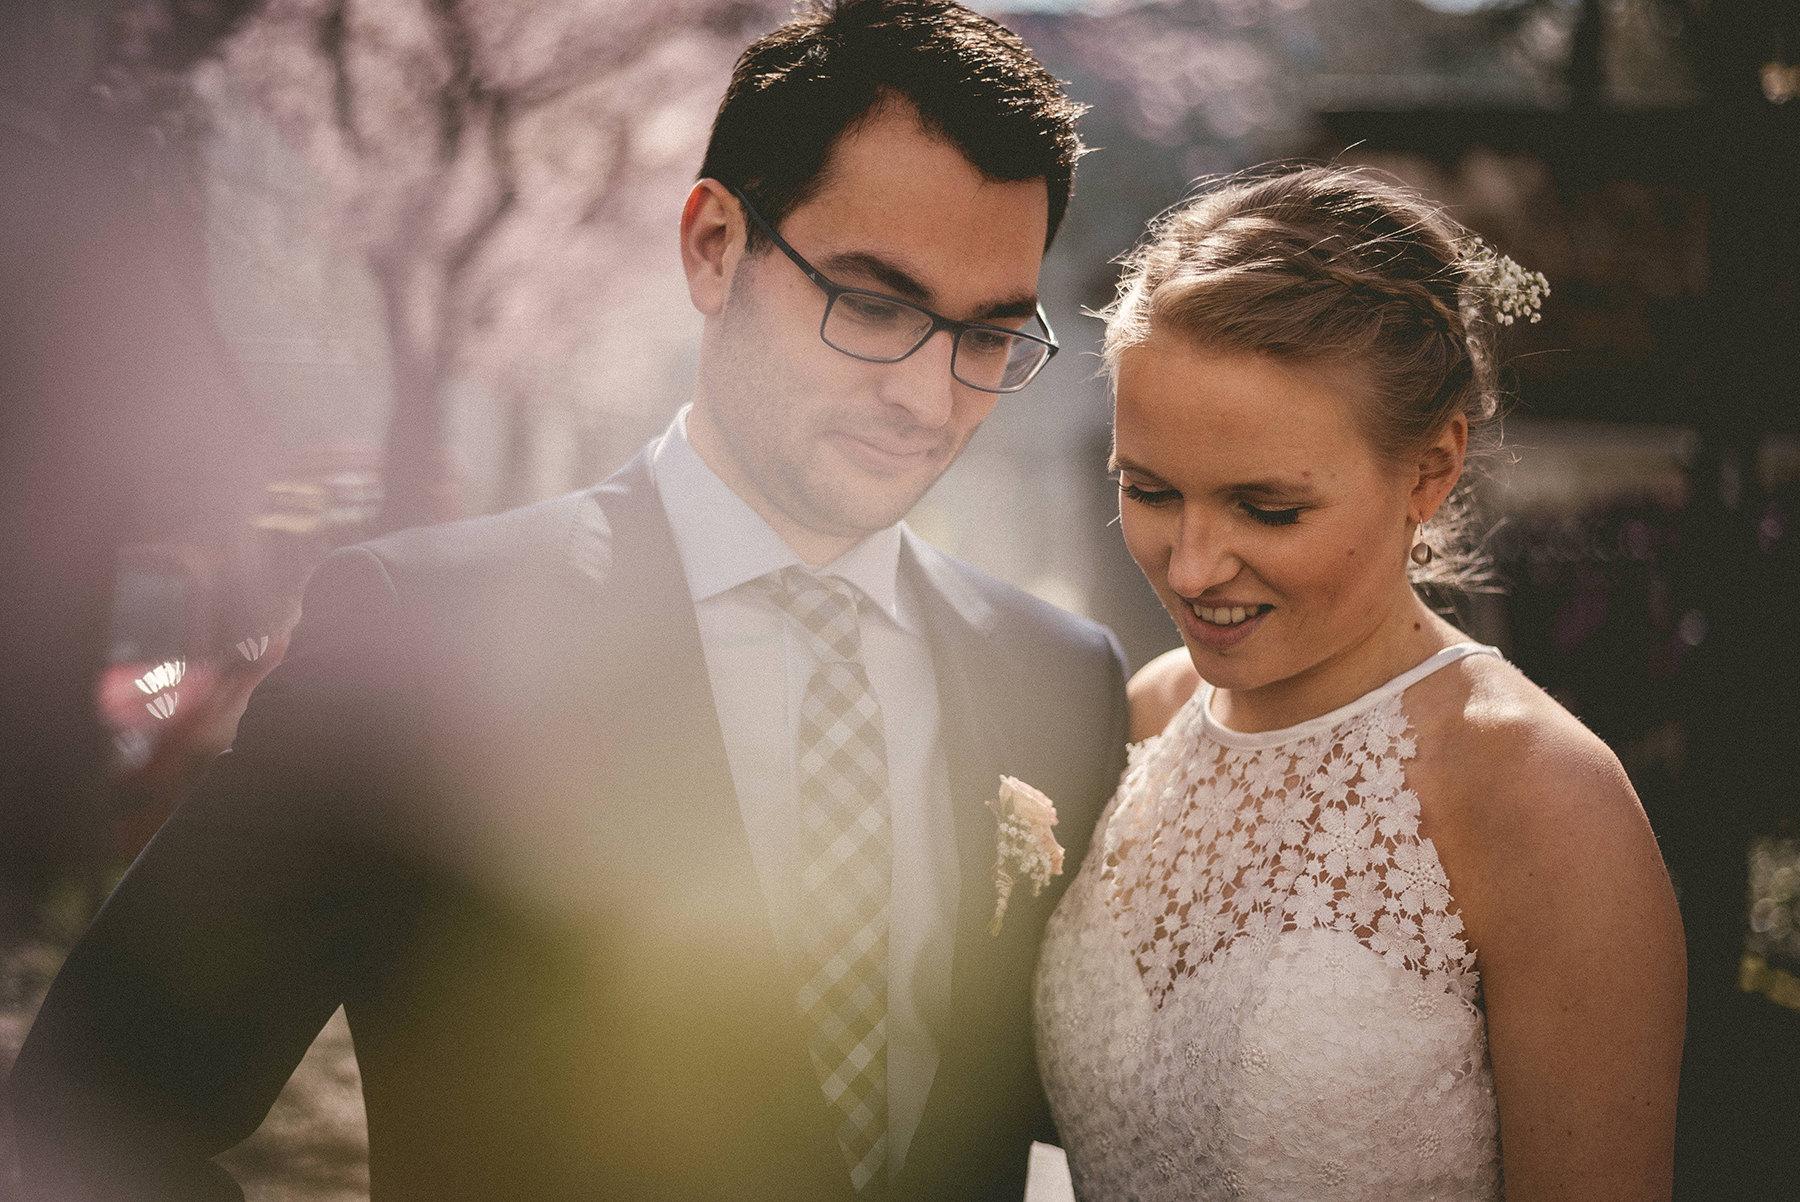 Hochzeit-Bonn-Kirschblüte-Sonja-Oliver-Dreamcatcher-Photography-Hochzeitsfotografie (17)